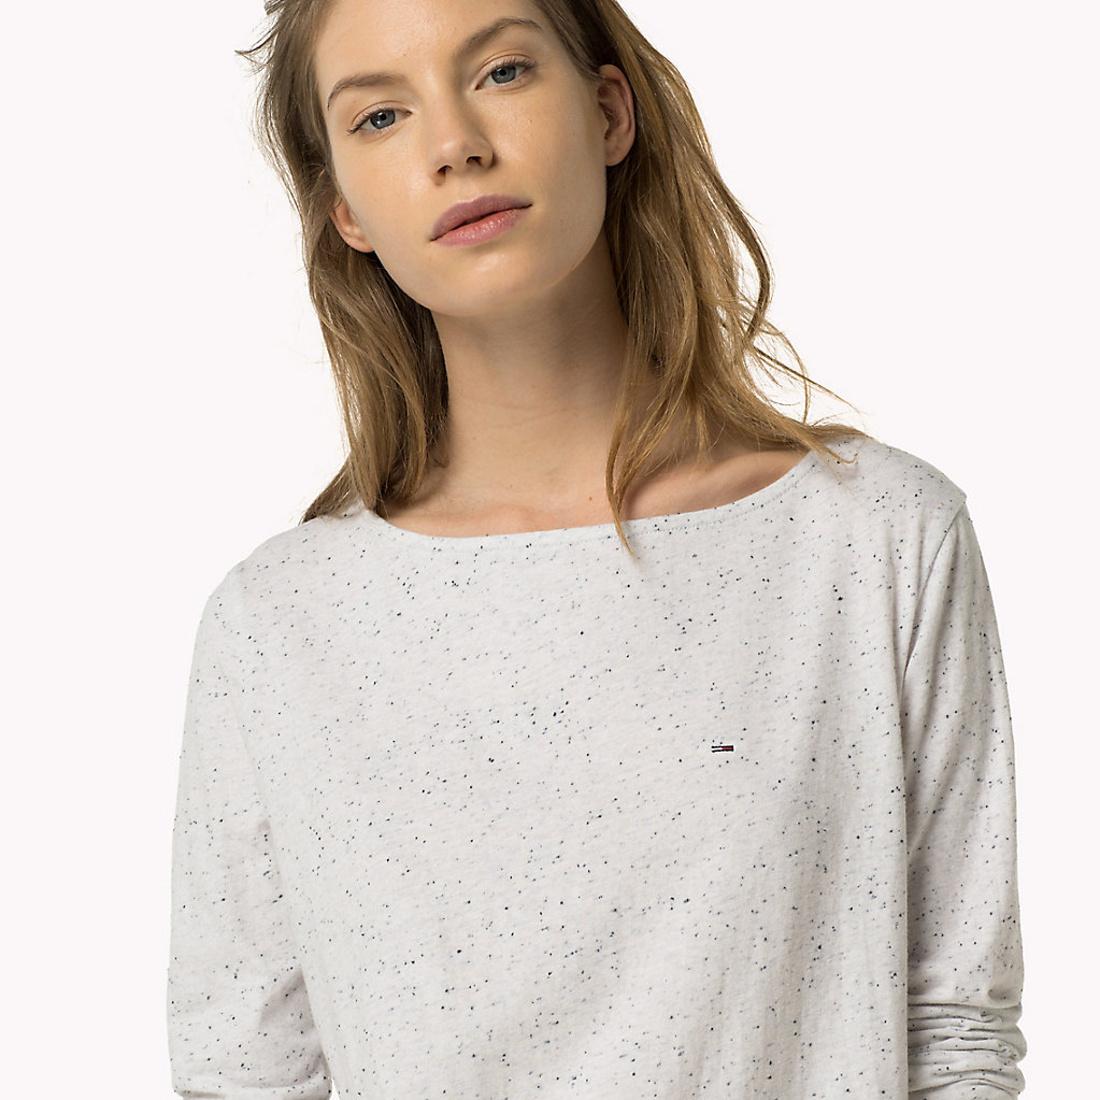 eae170d48f Tommy Hilfiger dámské tričko s dlouhým rukávem - Mode.cz